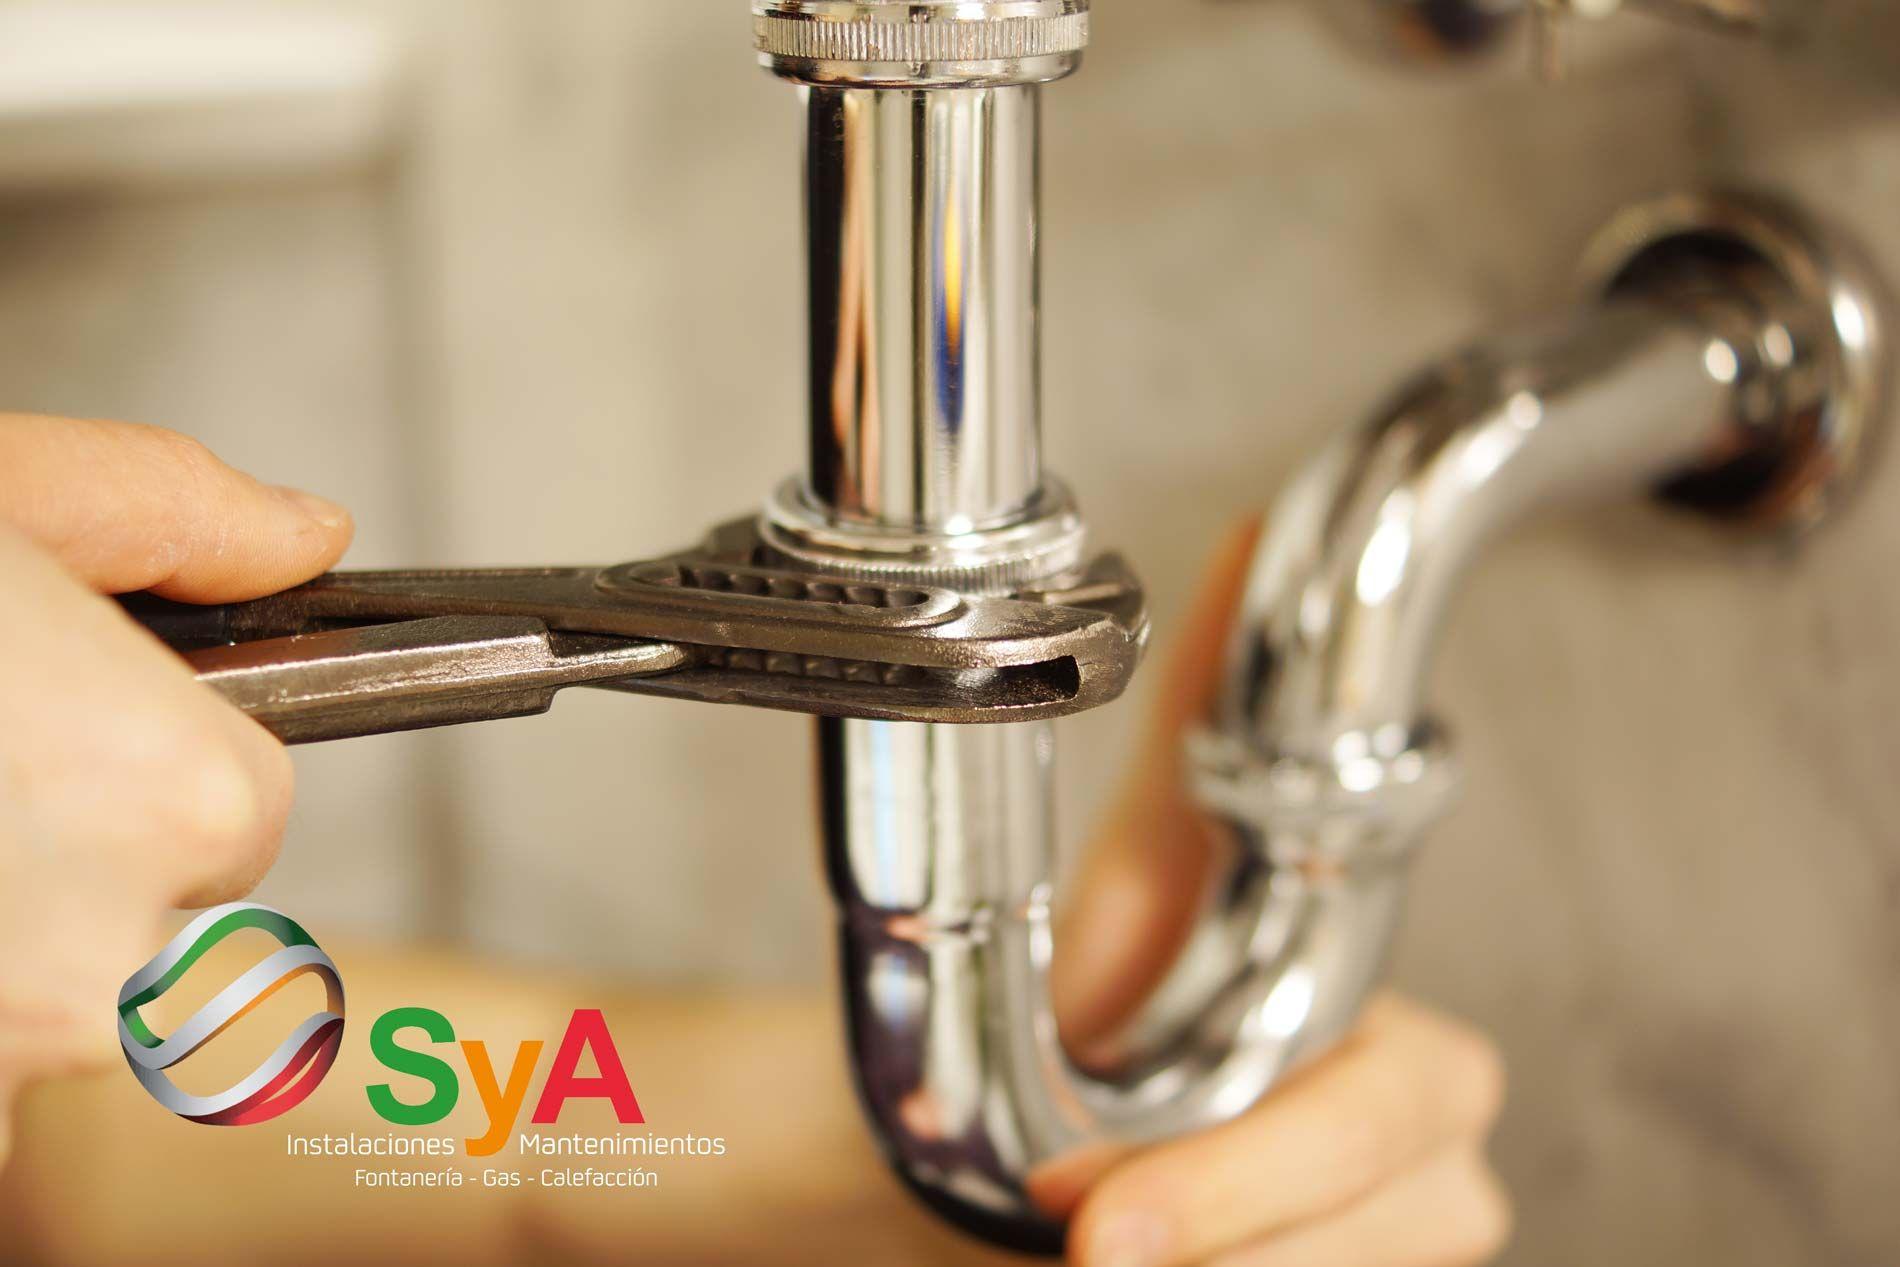 SYA Instalaciones cuenta con un servicio de fontanería que se adapta a las necesidades de cada cliente